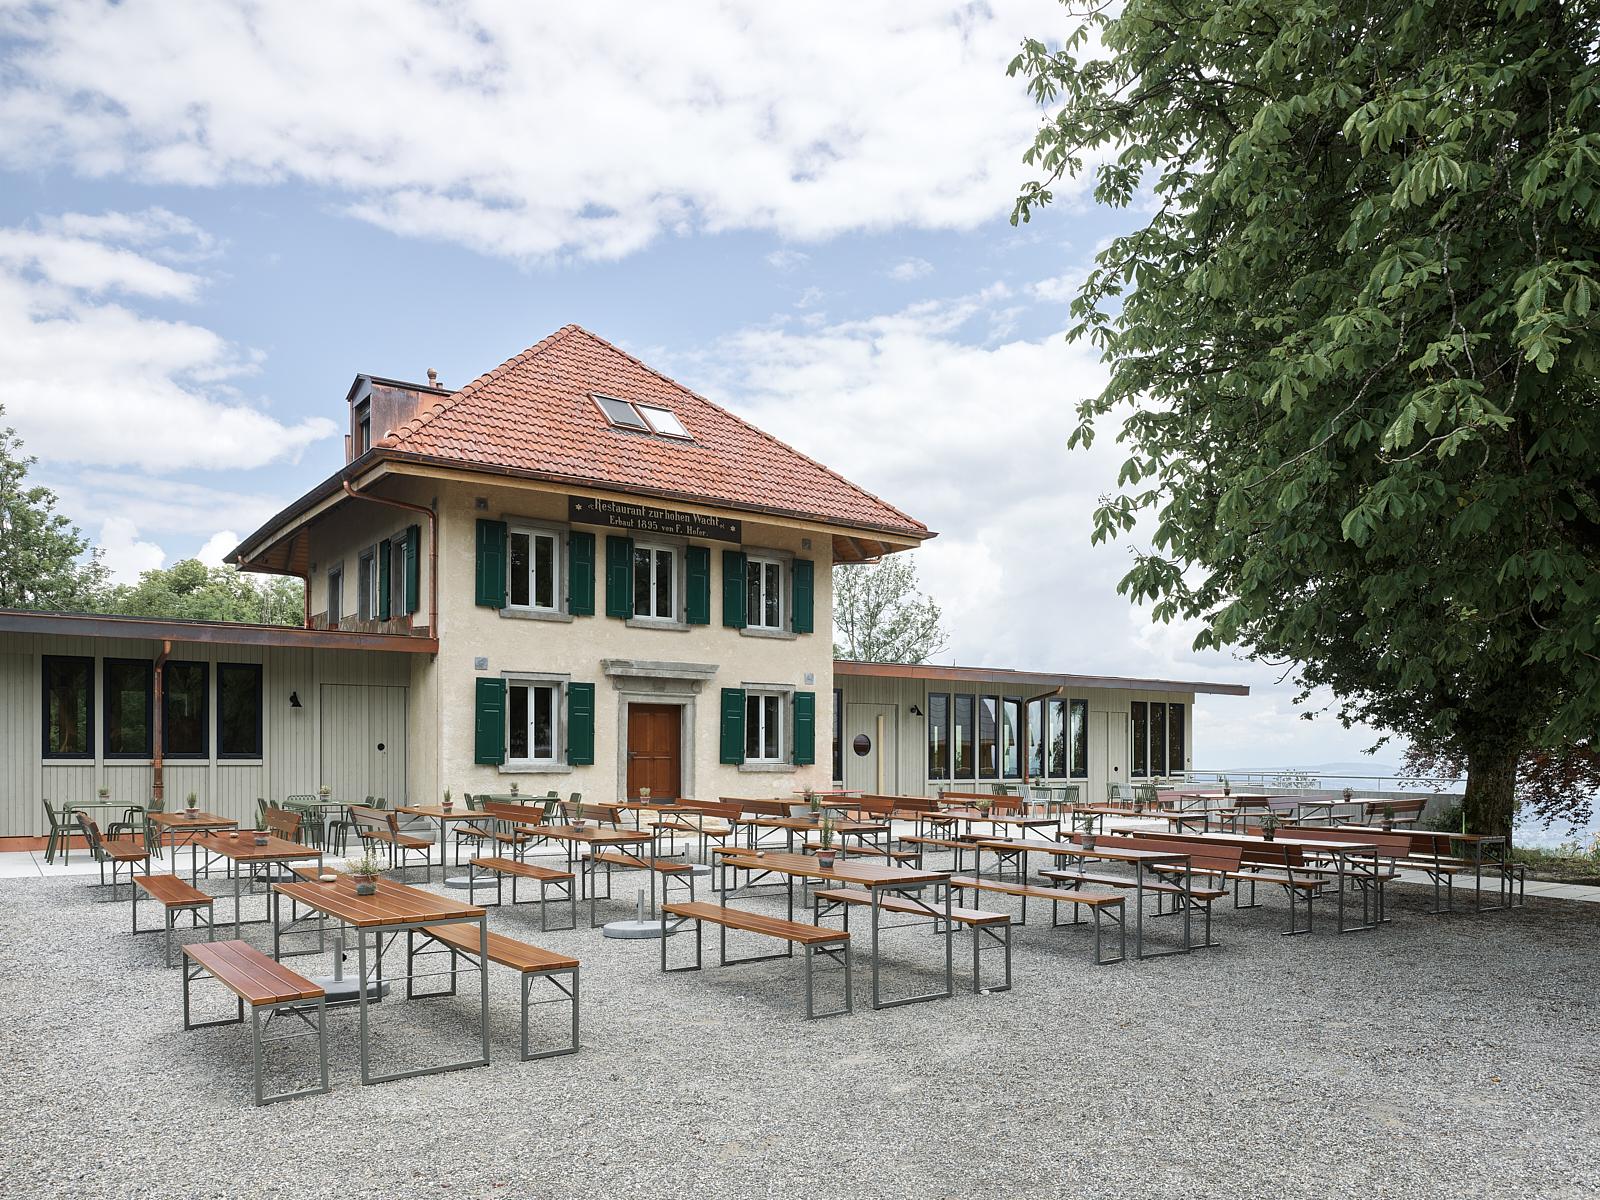 Sanierung Bergrestaurant Lägern Hochwacht: Gartenwirtschaft (Bild Georg Aerni)